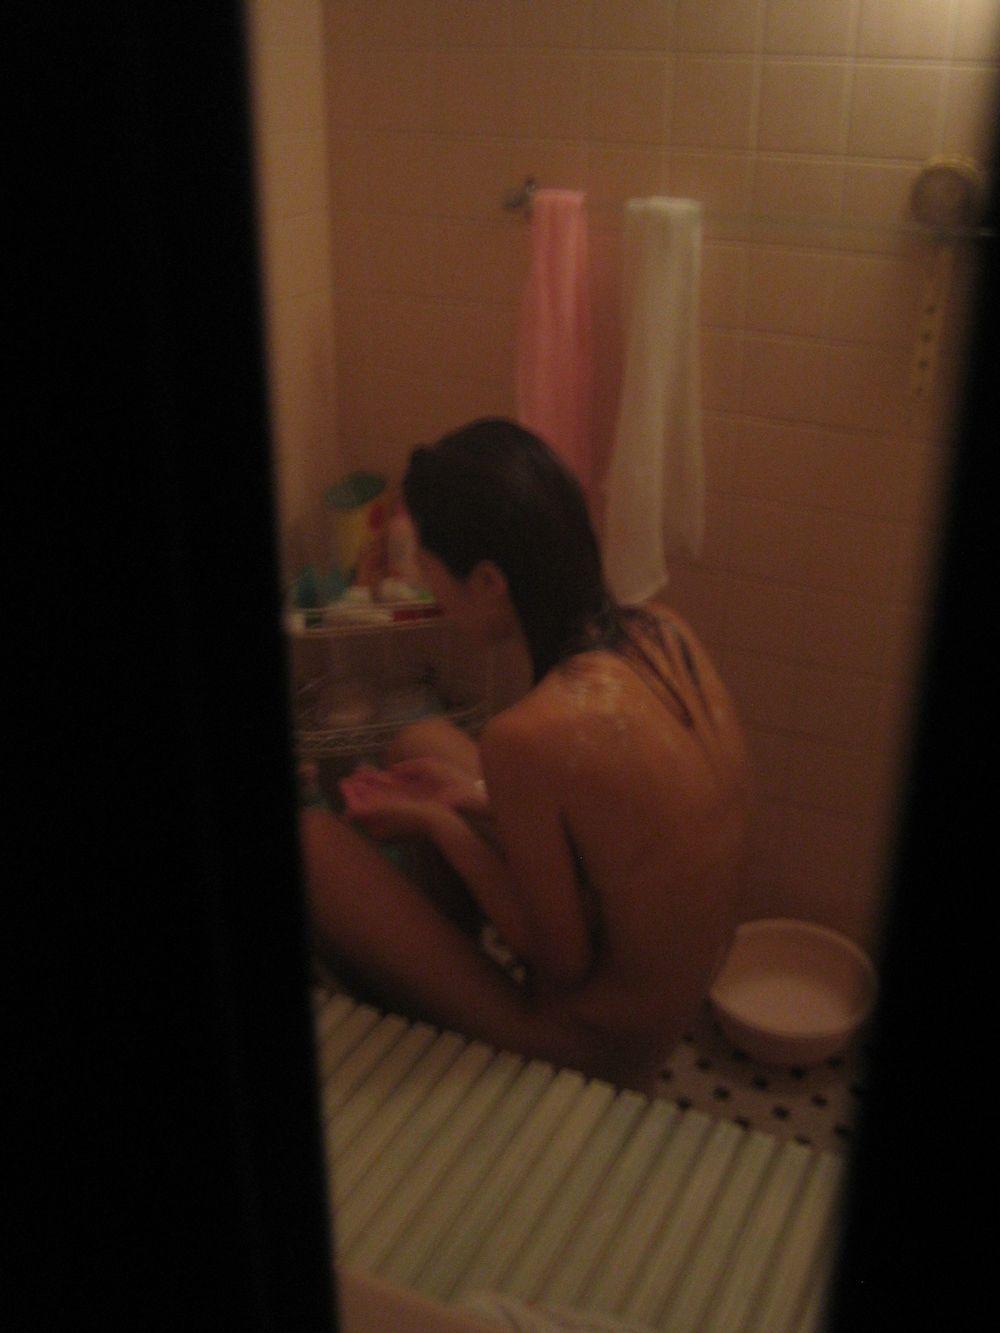 入浴中の女の子が窓から見えた (16)